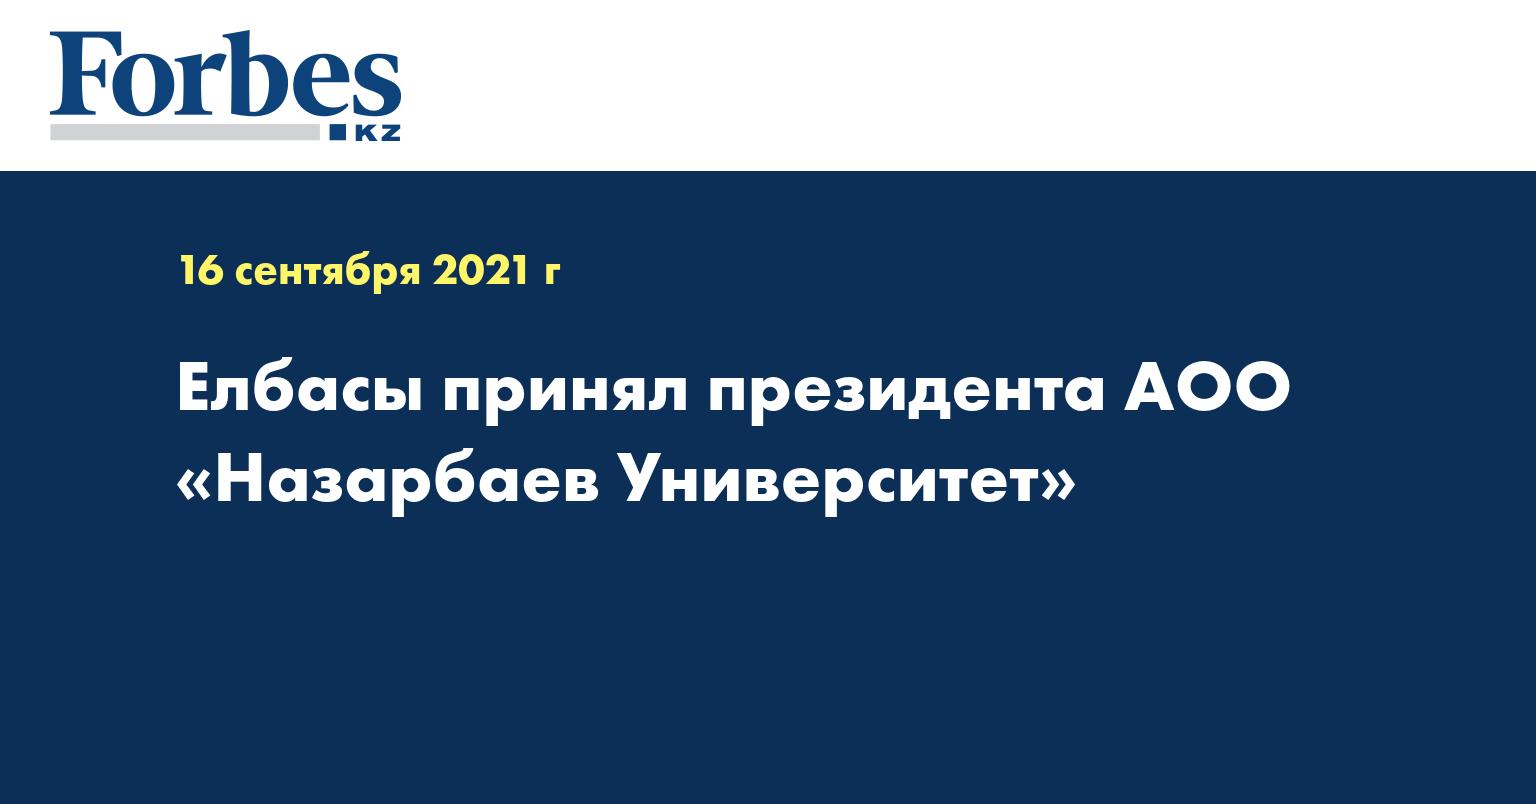 Елбасы принял президента АОО «Назарбаев Университет»